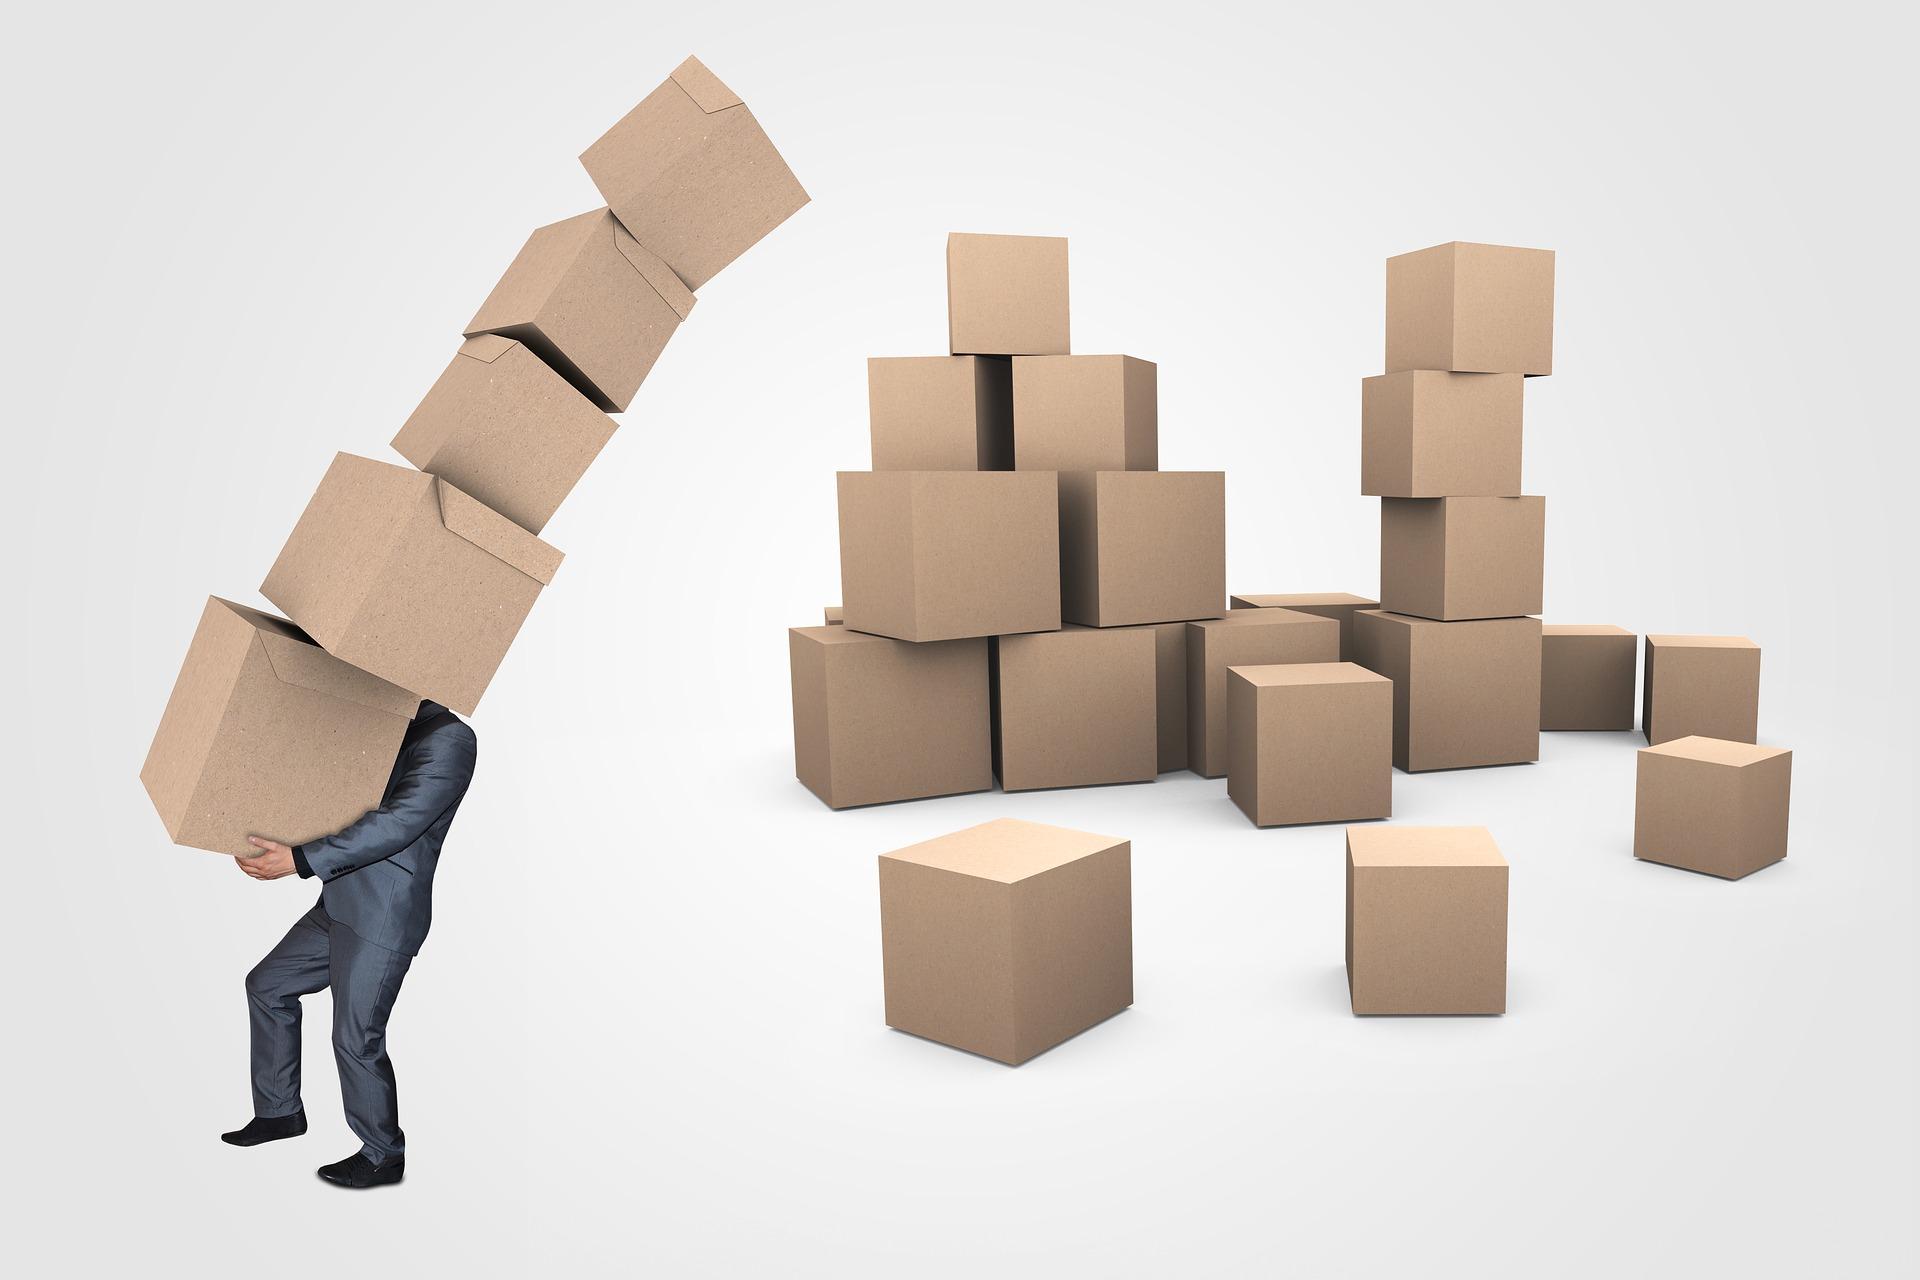 Mann mit Paketen